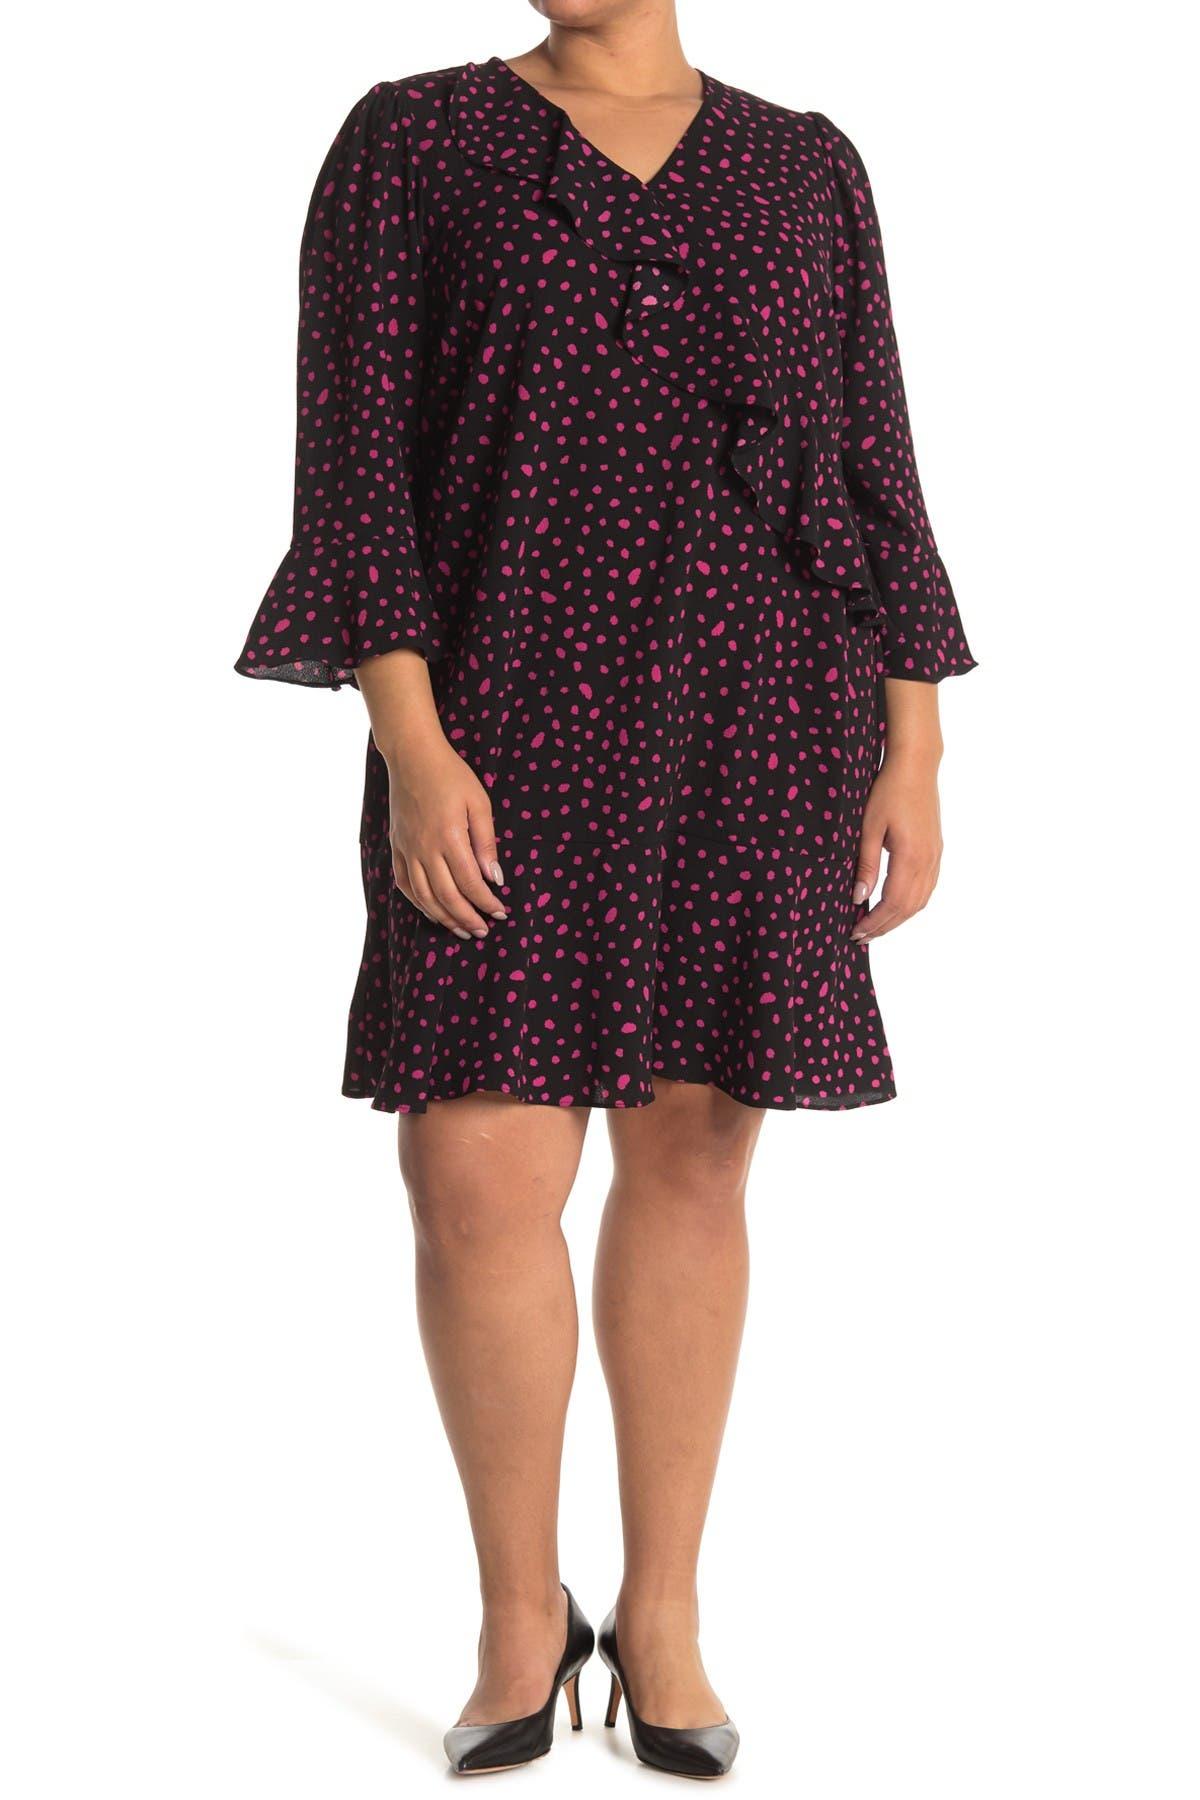 Image of London Times Confetti Dot Ruffle Dress